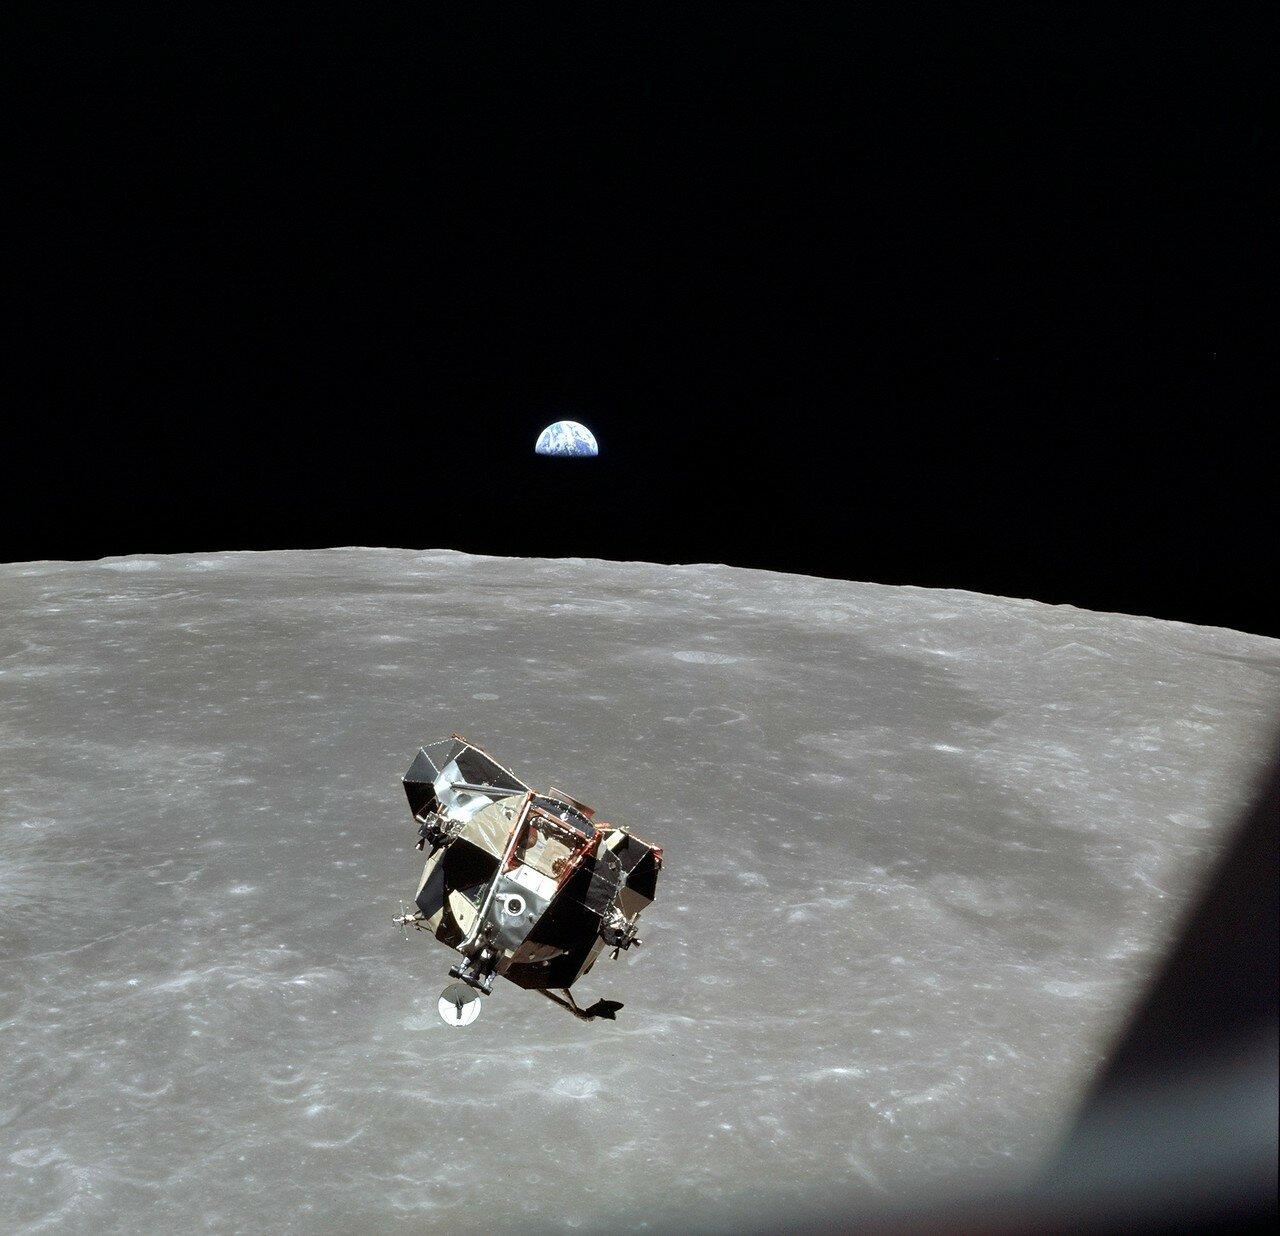 Через три с половиной часа после взлёта «Орёл» и «Колумбия» сблизились до расстояния 30 м и зависли неподвижно относительно друг друга.На снимке: «Орёл» перед стыковкой, снятый Майклом Коллинзом из «Колумбии», на фоне восходящей Земли